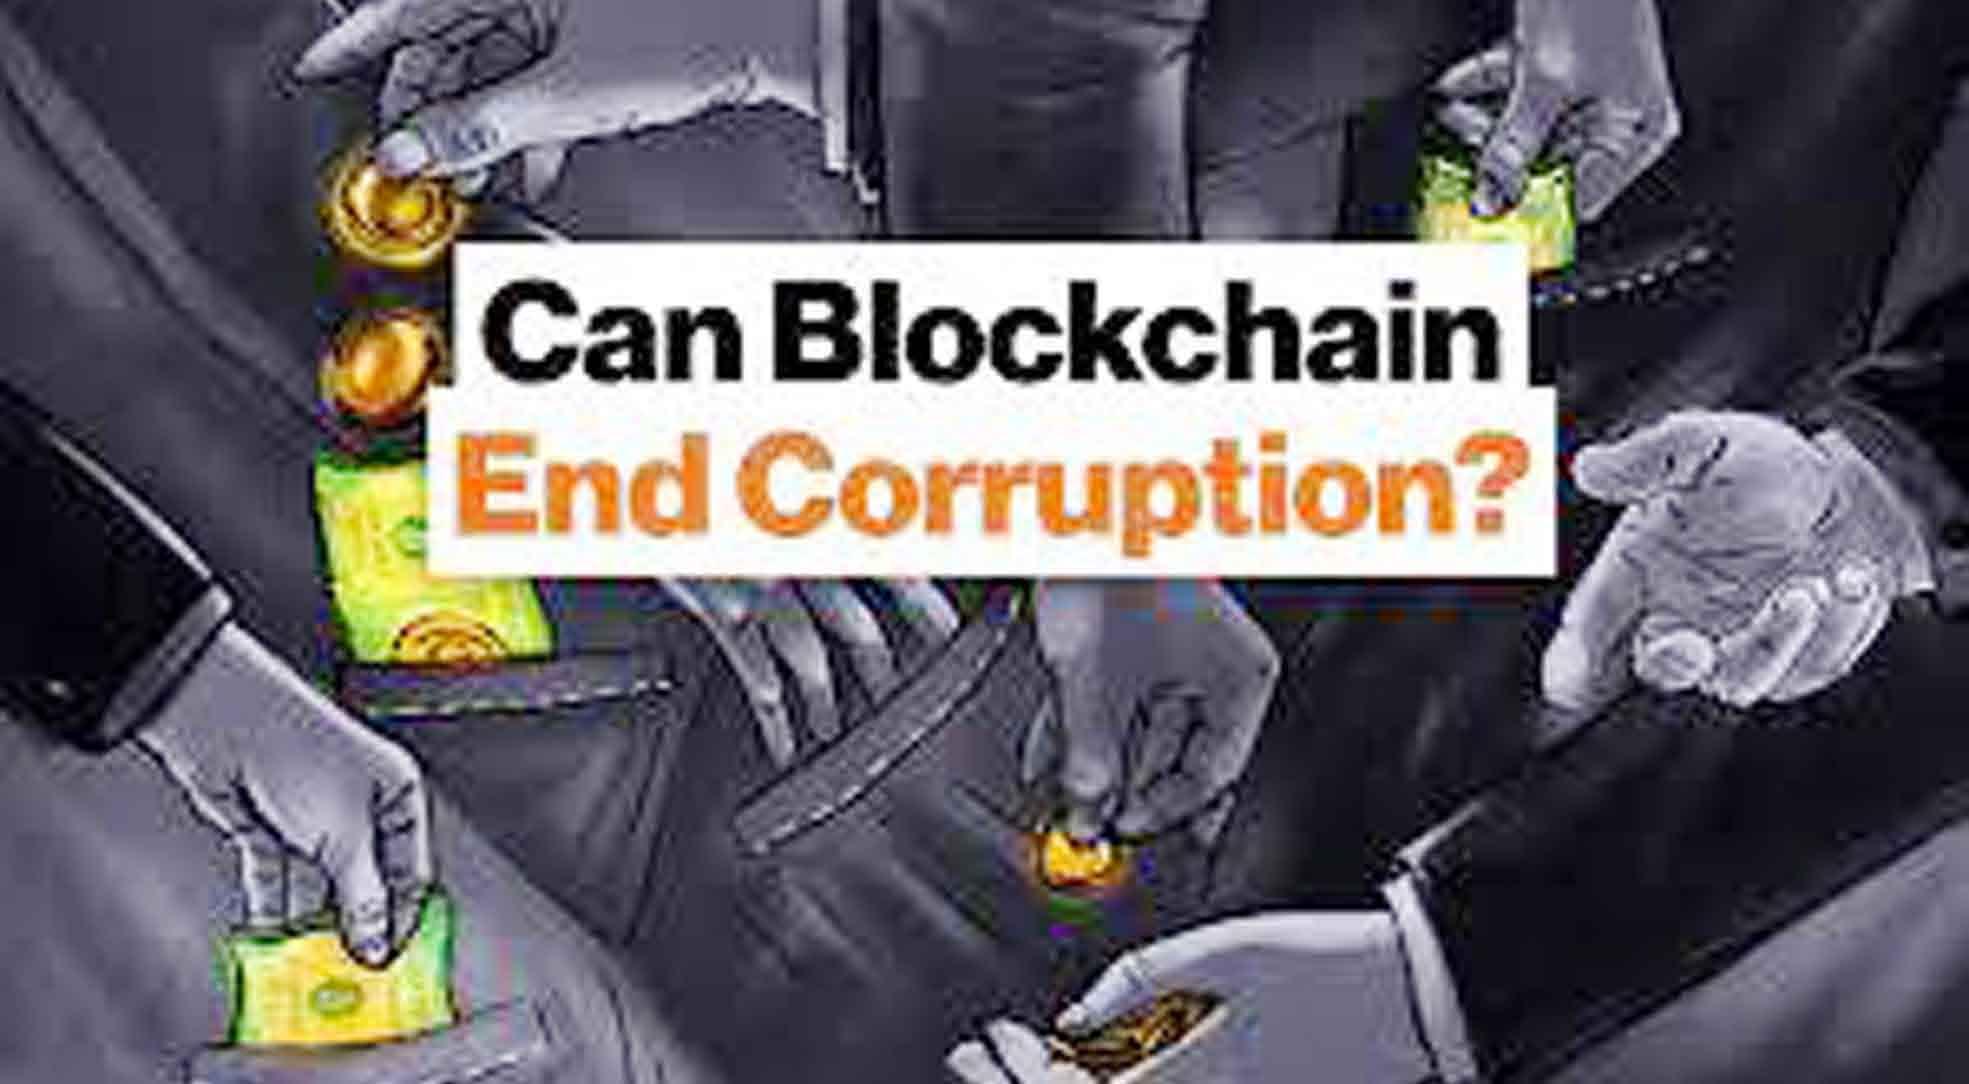 Дэлхийн улсууд авлигын эсрэг блокчейн ашиглаад эхэллээ, гэтэл бид хууль ч үгүй сууж байна